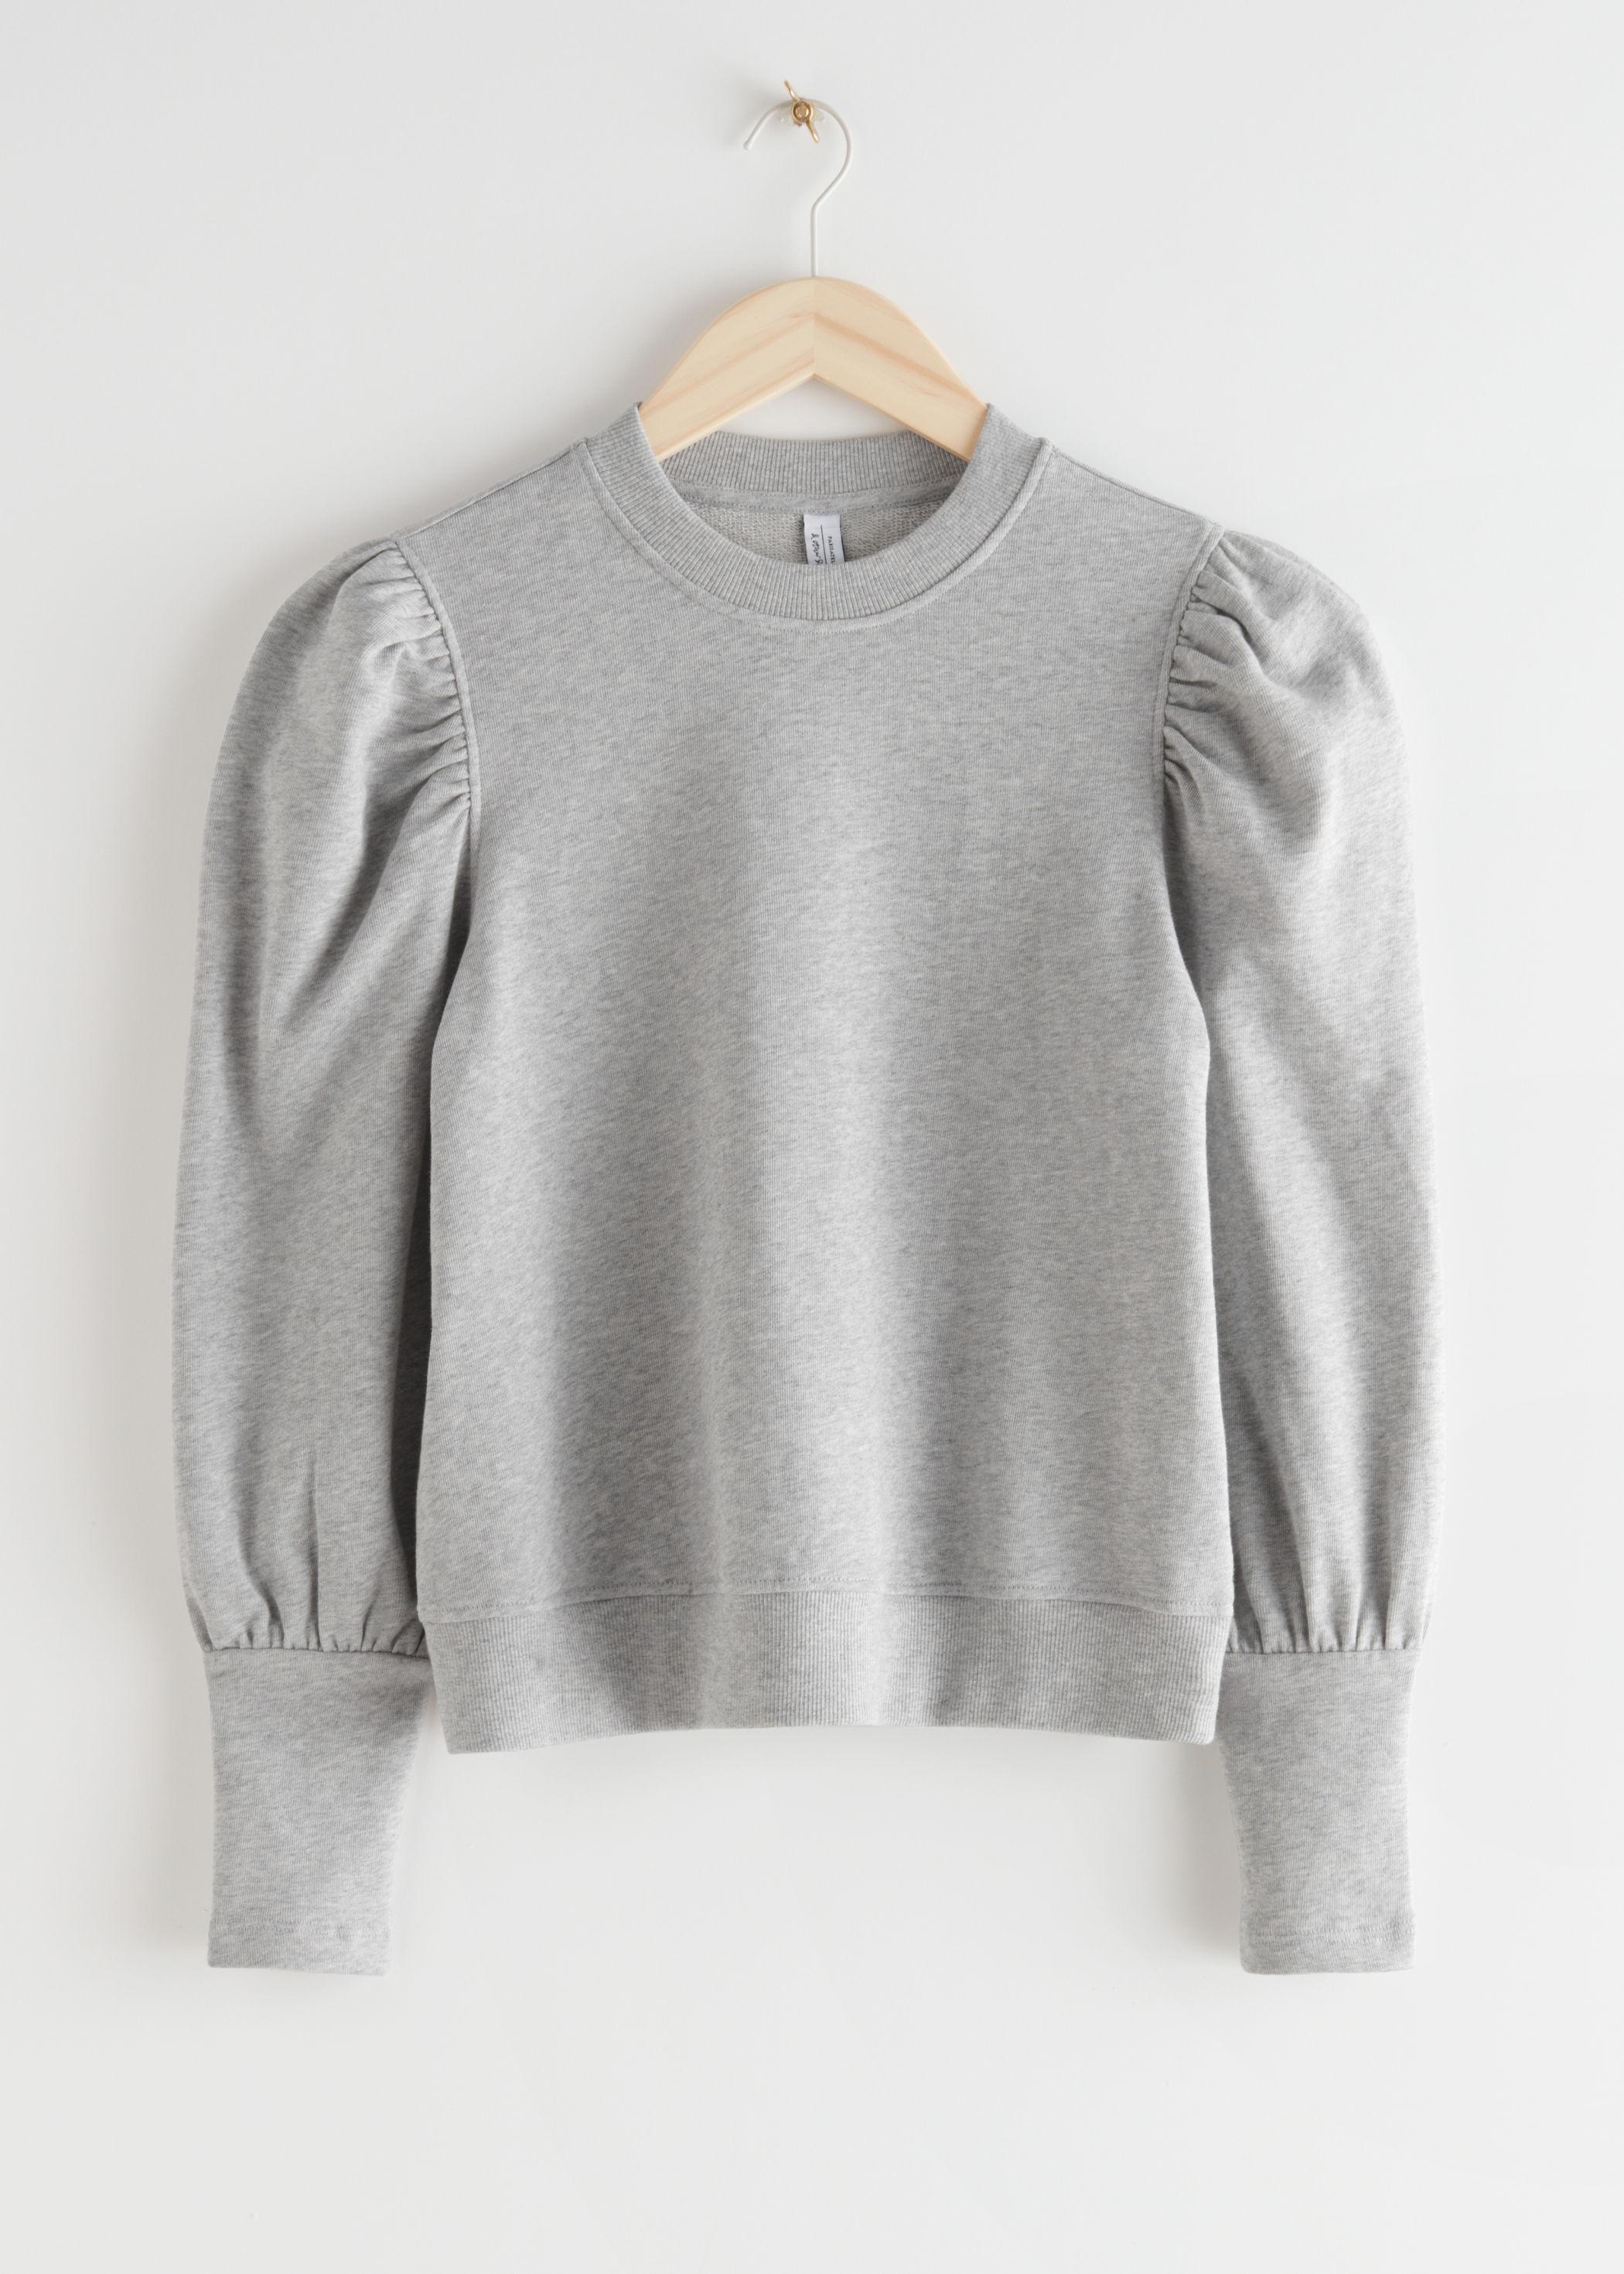 앤 아더 스토리즈 & OTHER STORIES Puff Sleeve Cotton Sweater,Grey Melange